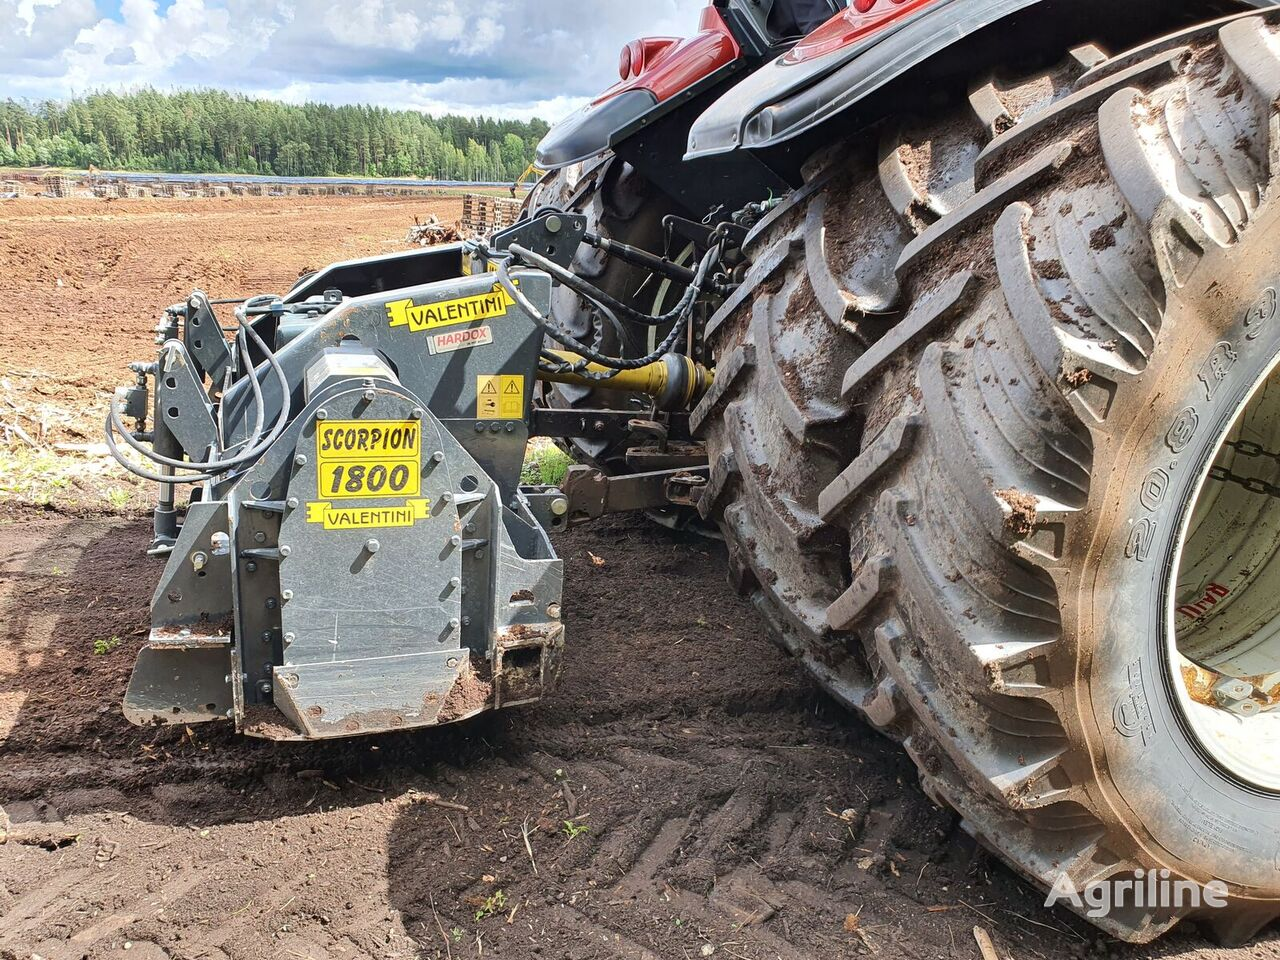 new VALENTINI NAVAJO 1800 tractor mulcher